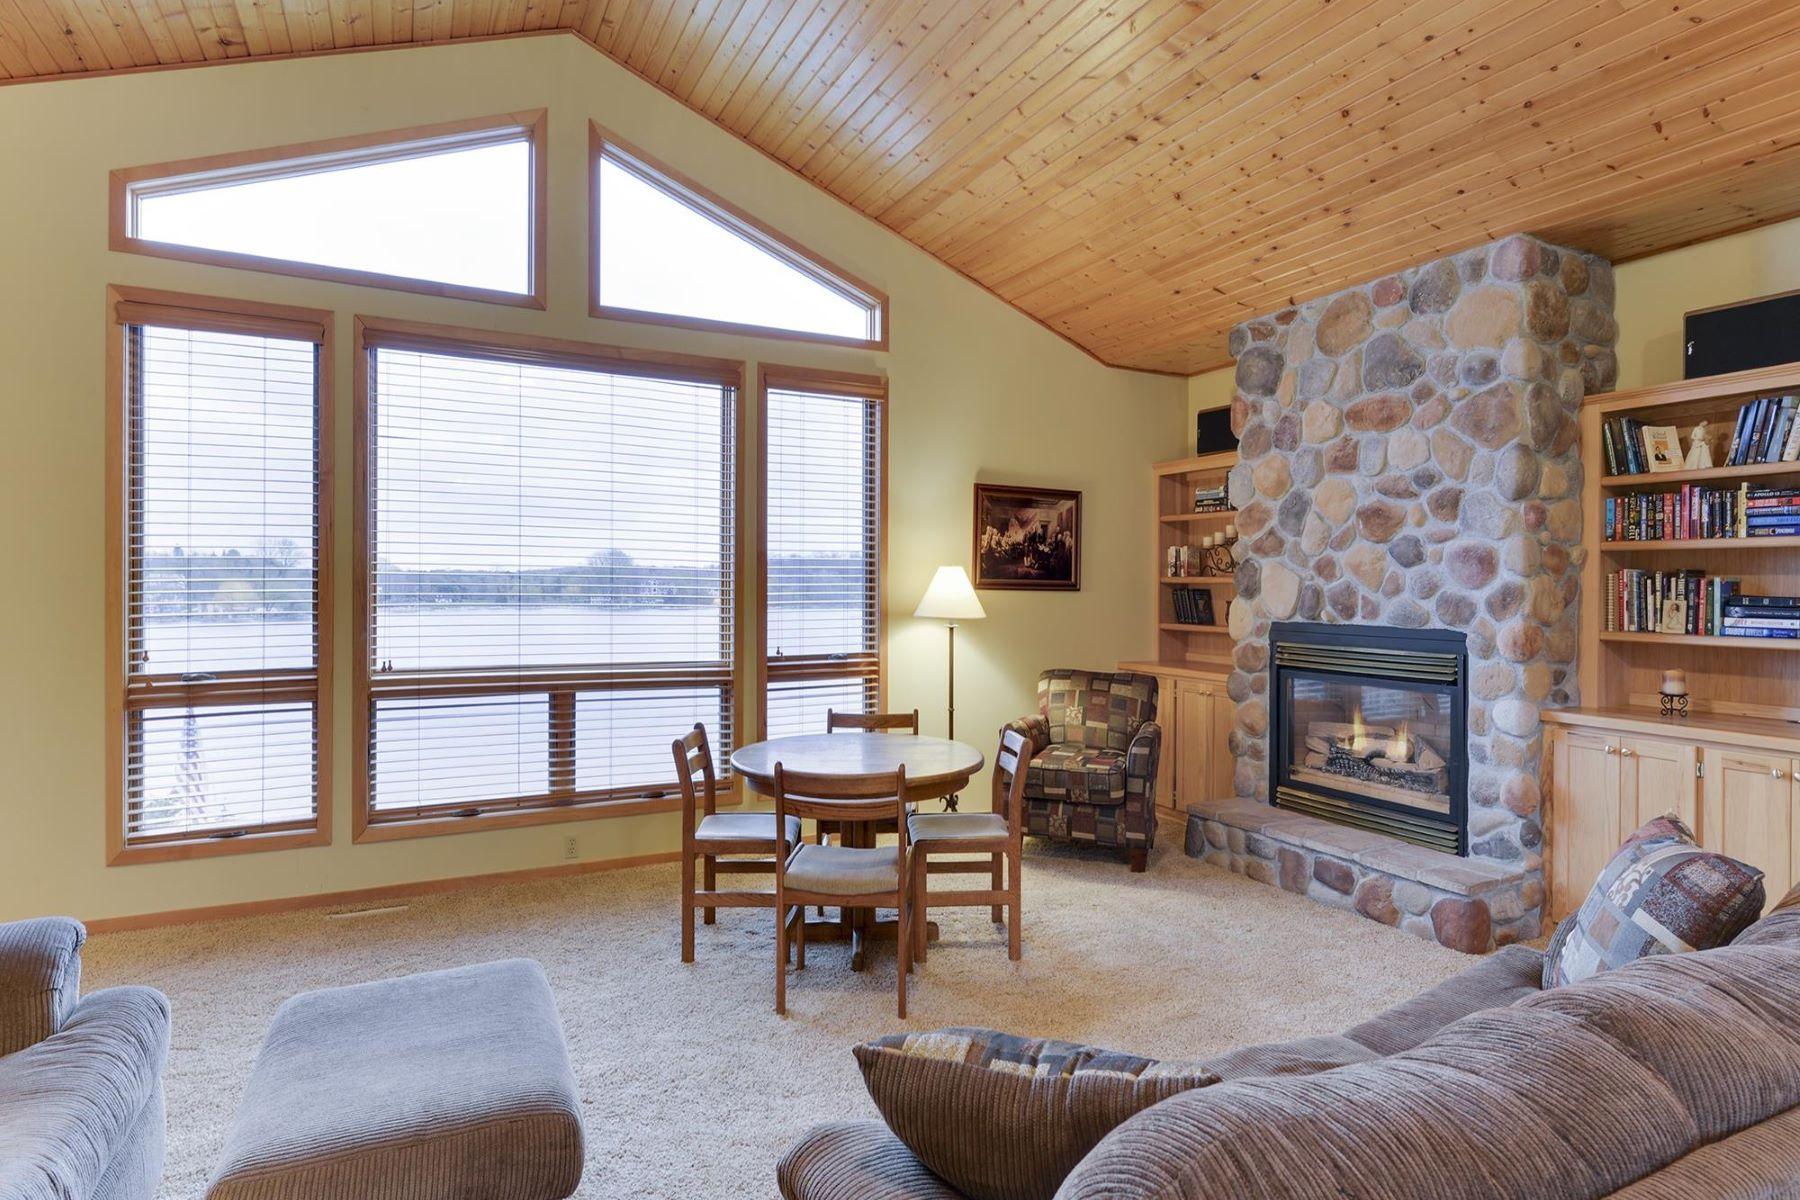 Частный односемейный дом для того Продажа на 5432 Quinlar Ave NW Annandale, Миннесота, 55302 Соединенные Штаты